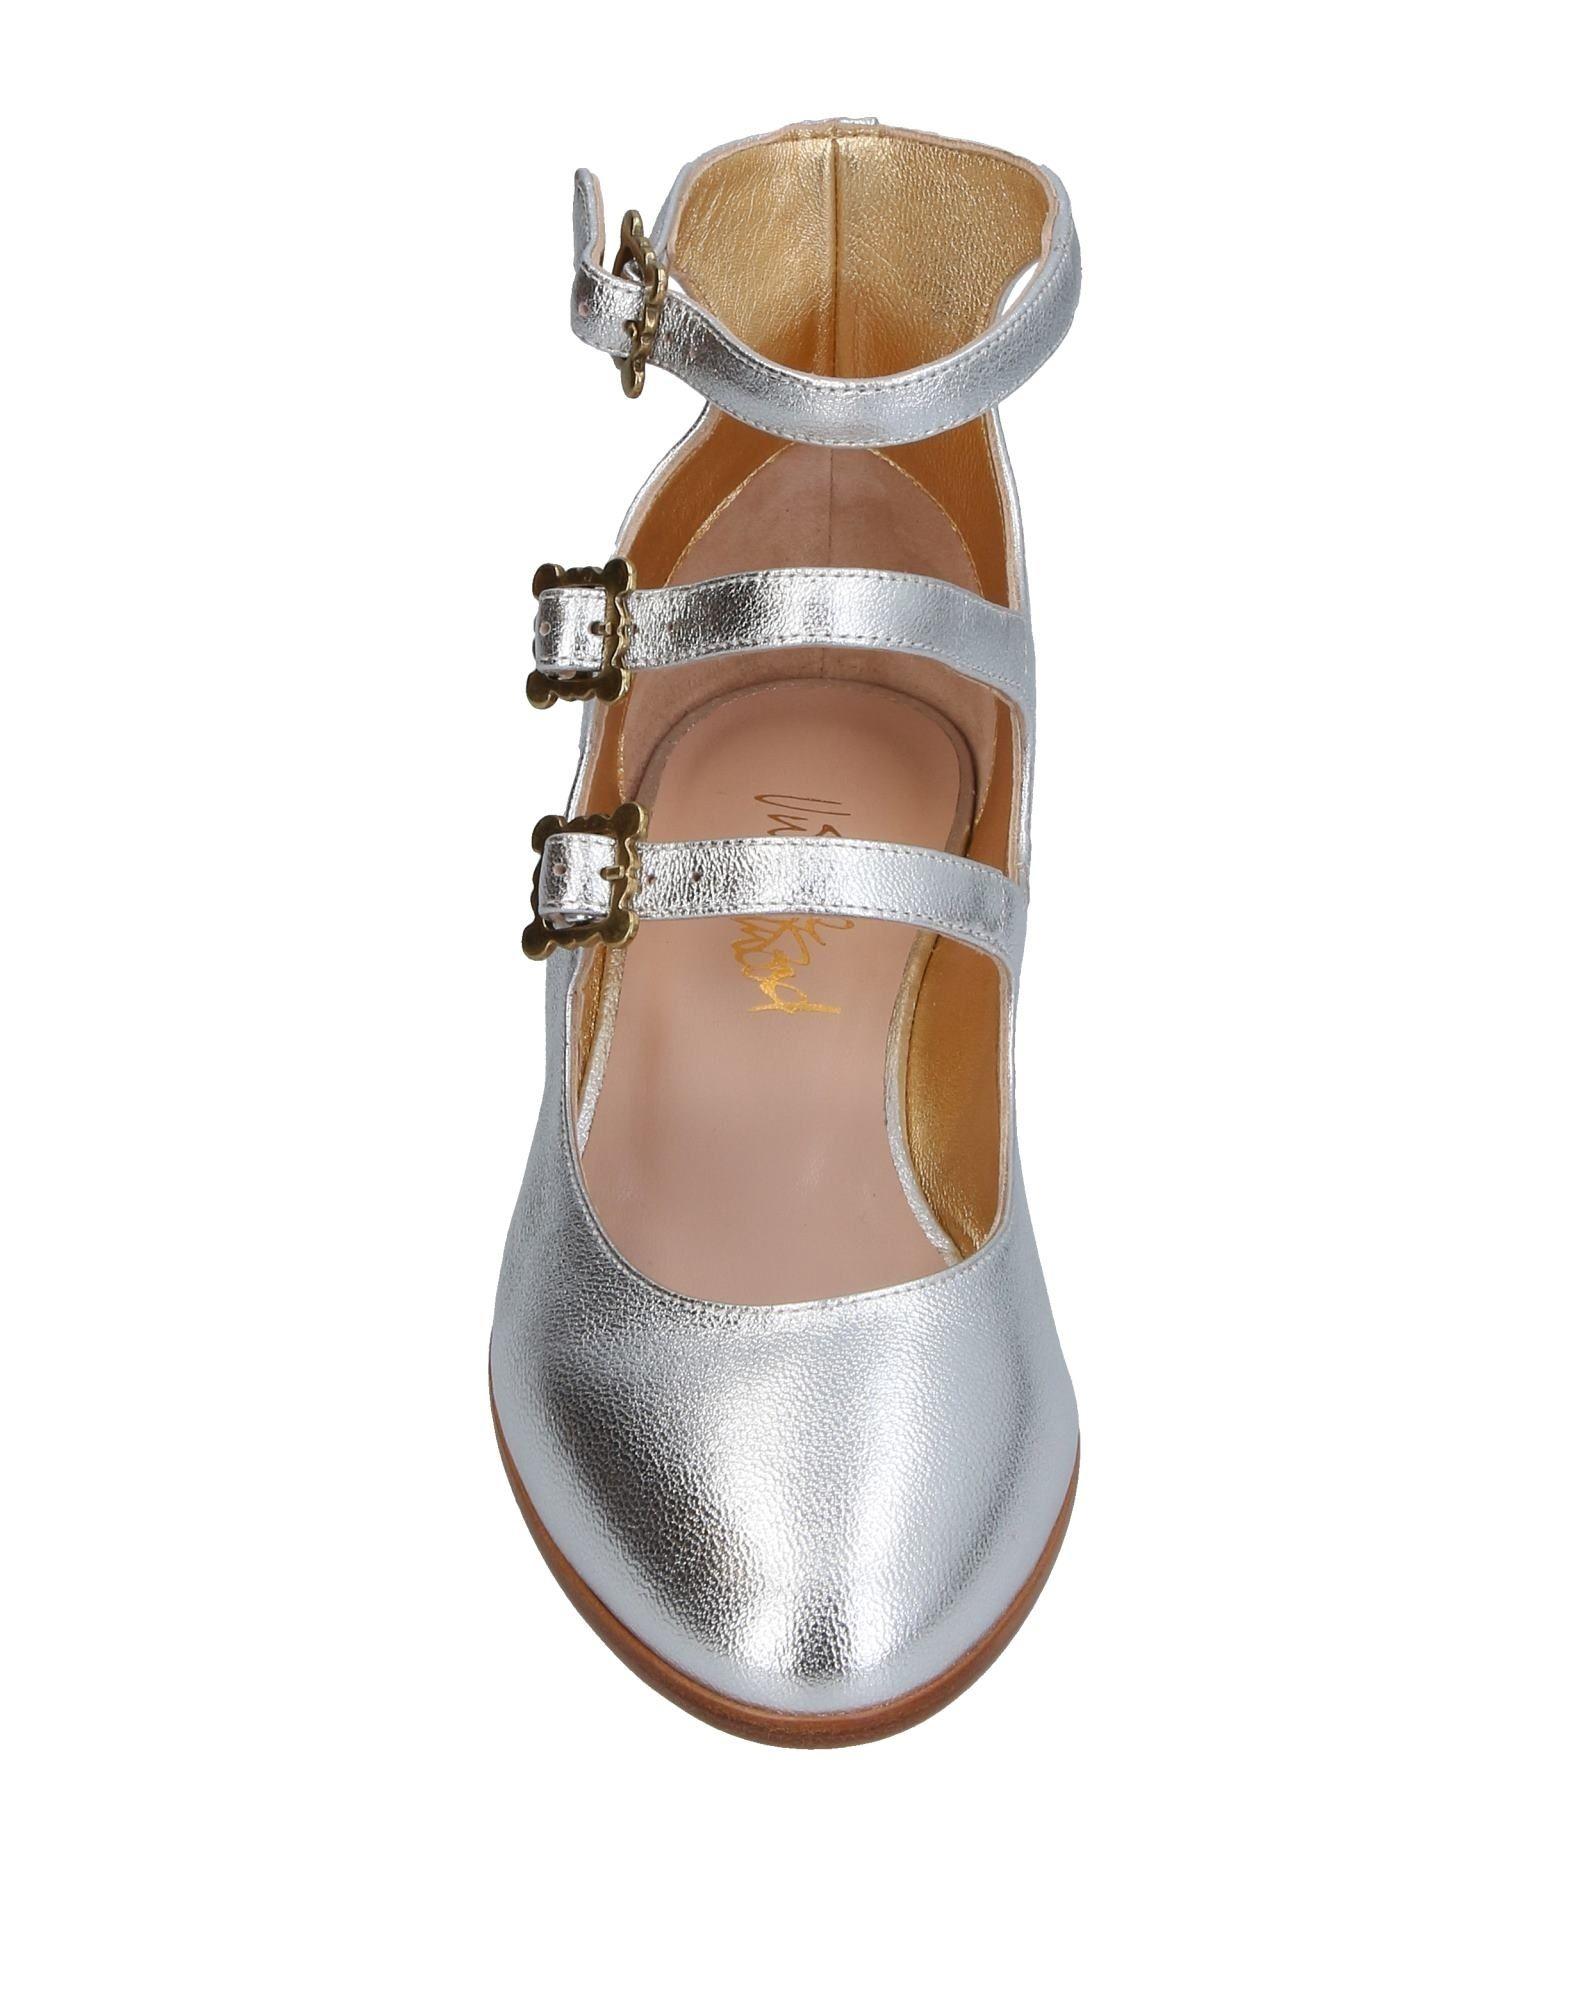 Vivienne Westwood Ballerinas strapazierfähige Damen  11396546MXGut aussehende strapazierfähige Ballerinas Schuhe ee0635